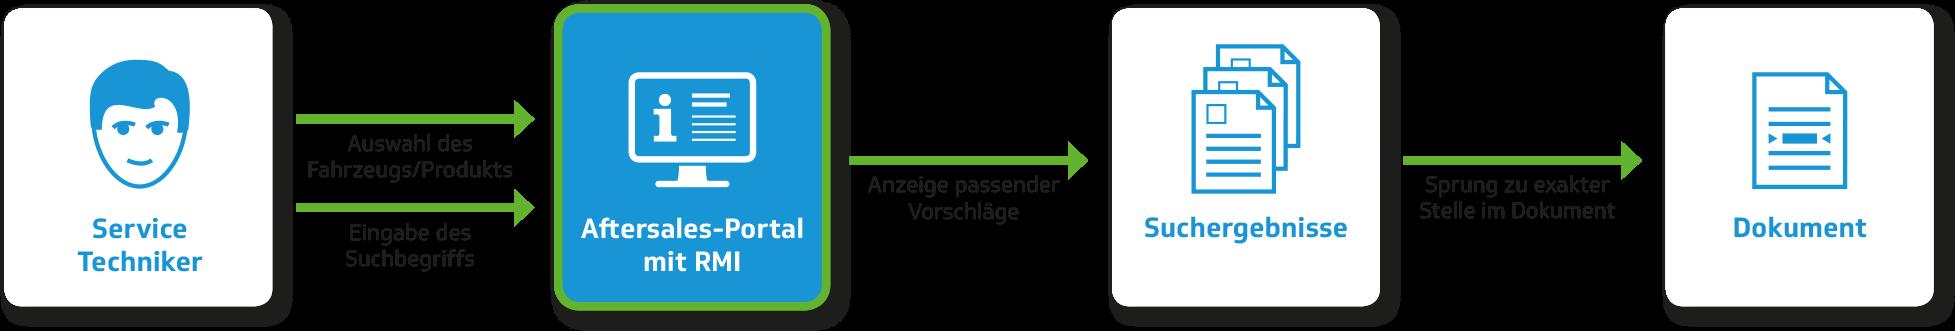 Aftersales-Portal mit RMI - in 4 Schritten zur Lösung